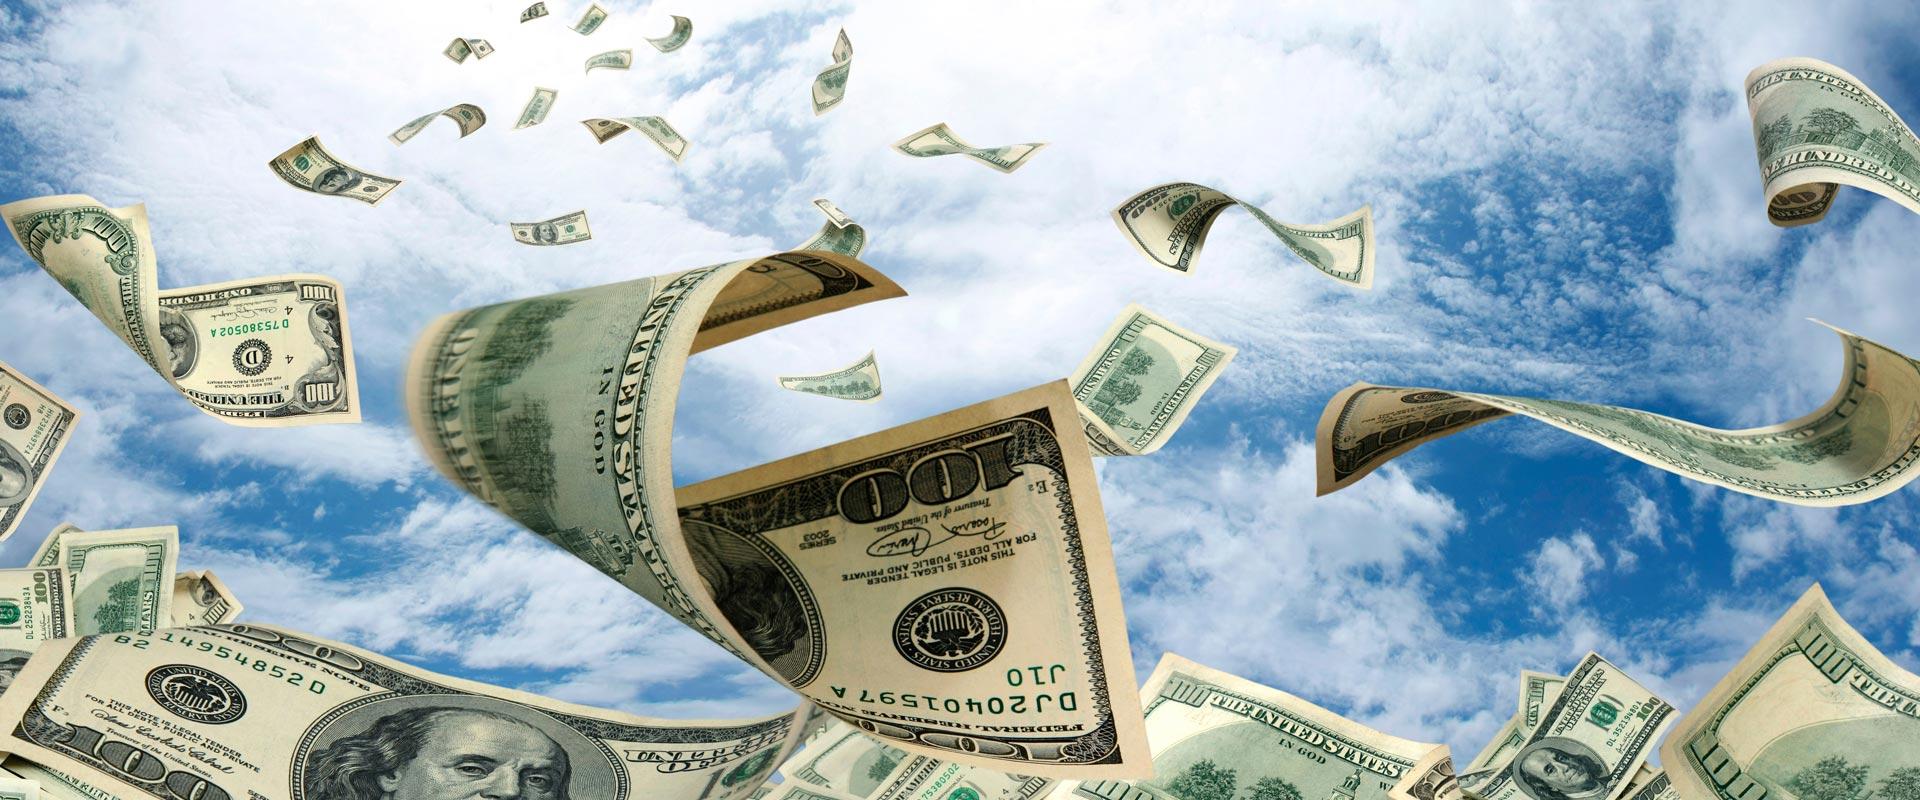 saving-money-bkg